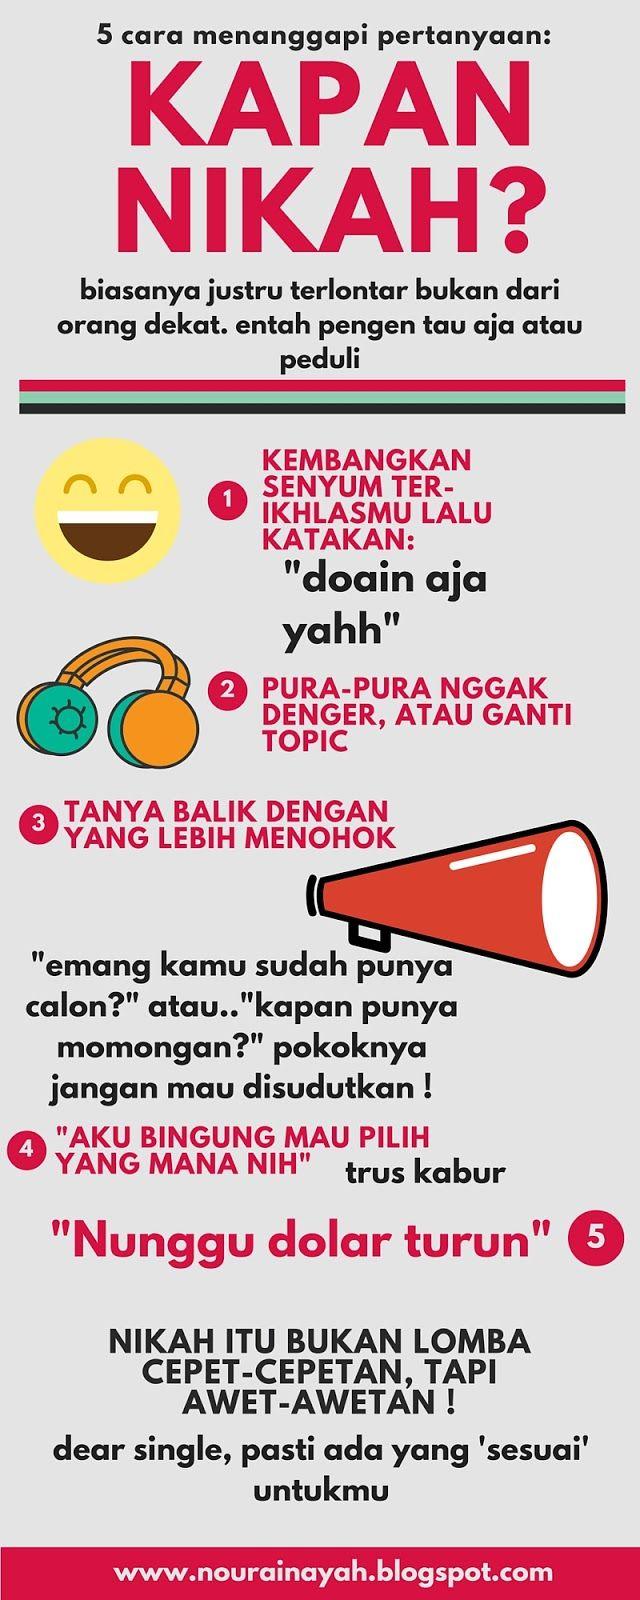 Infographic: Kapan nikah? Nihh dibantu cara jawabnya..